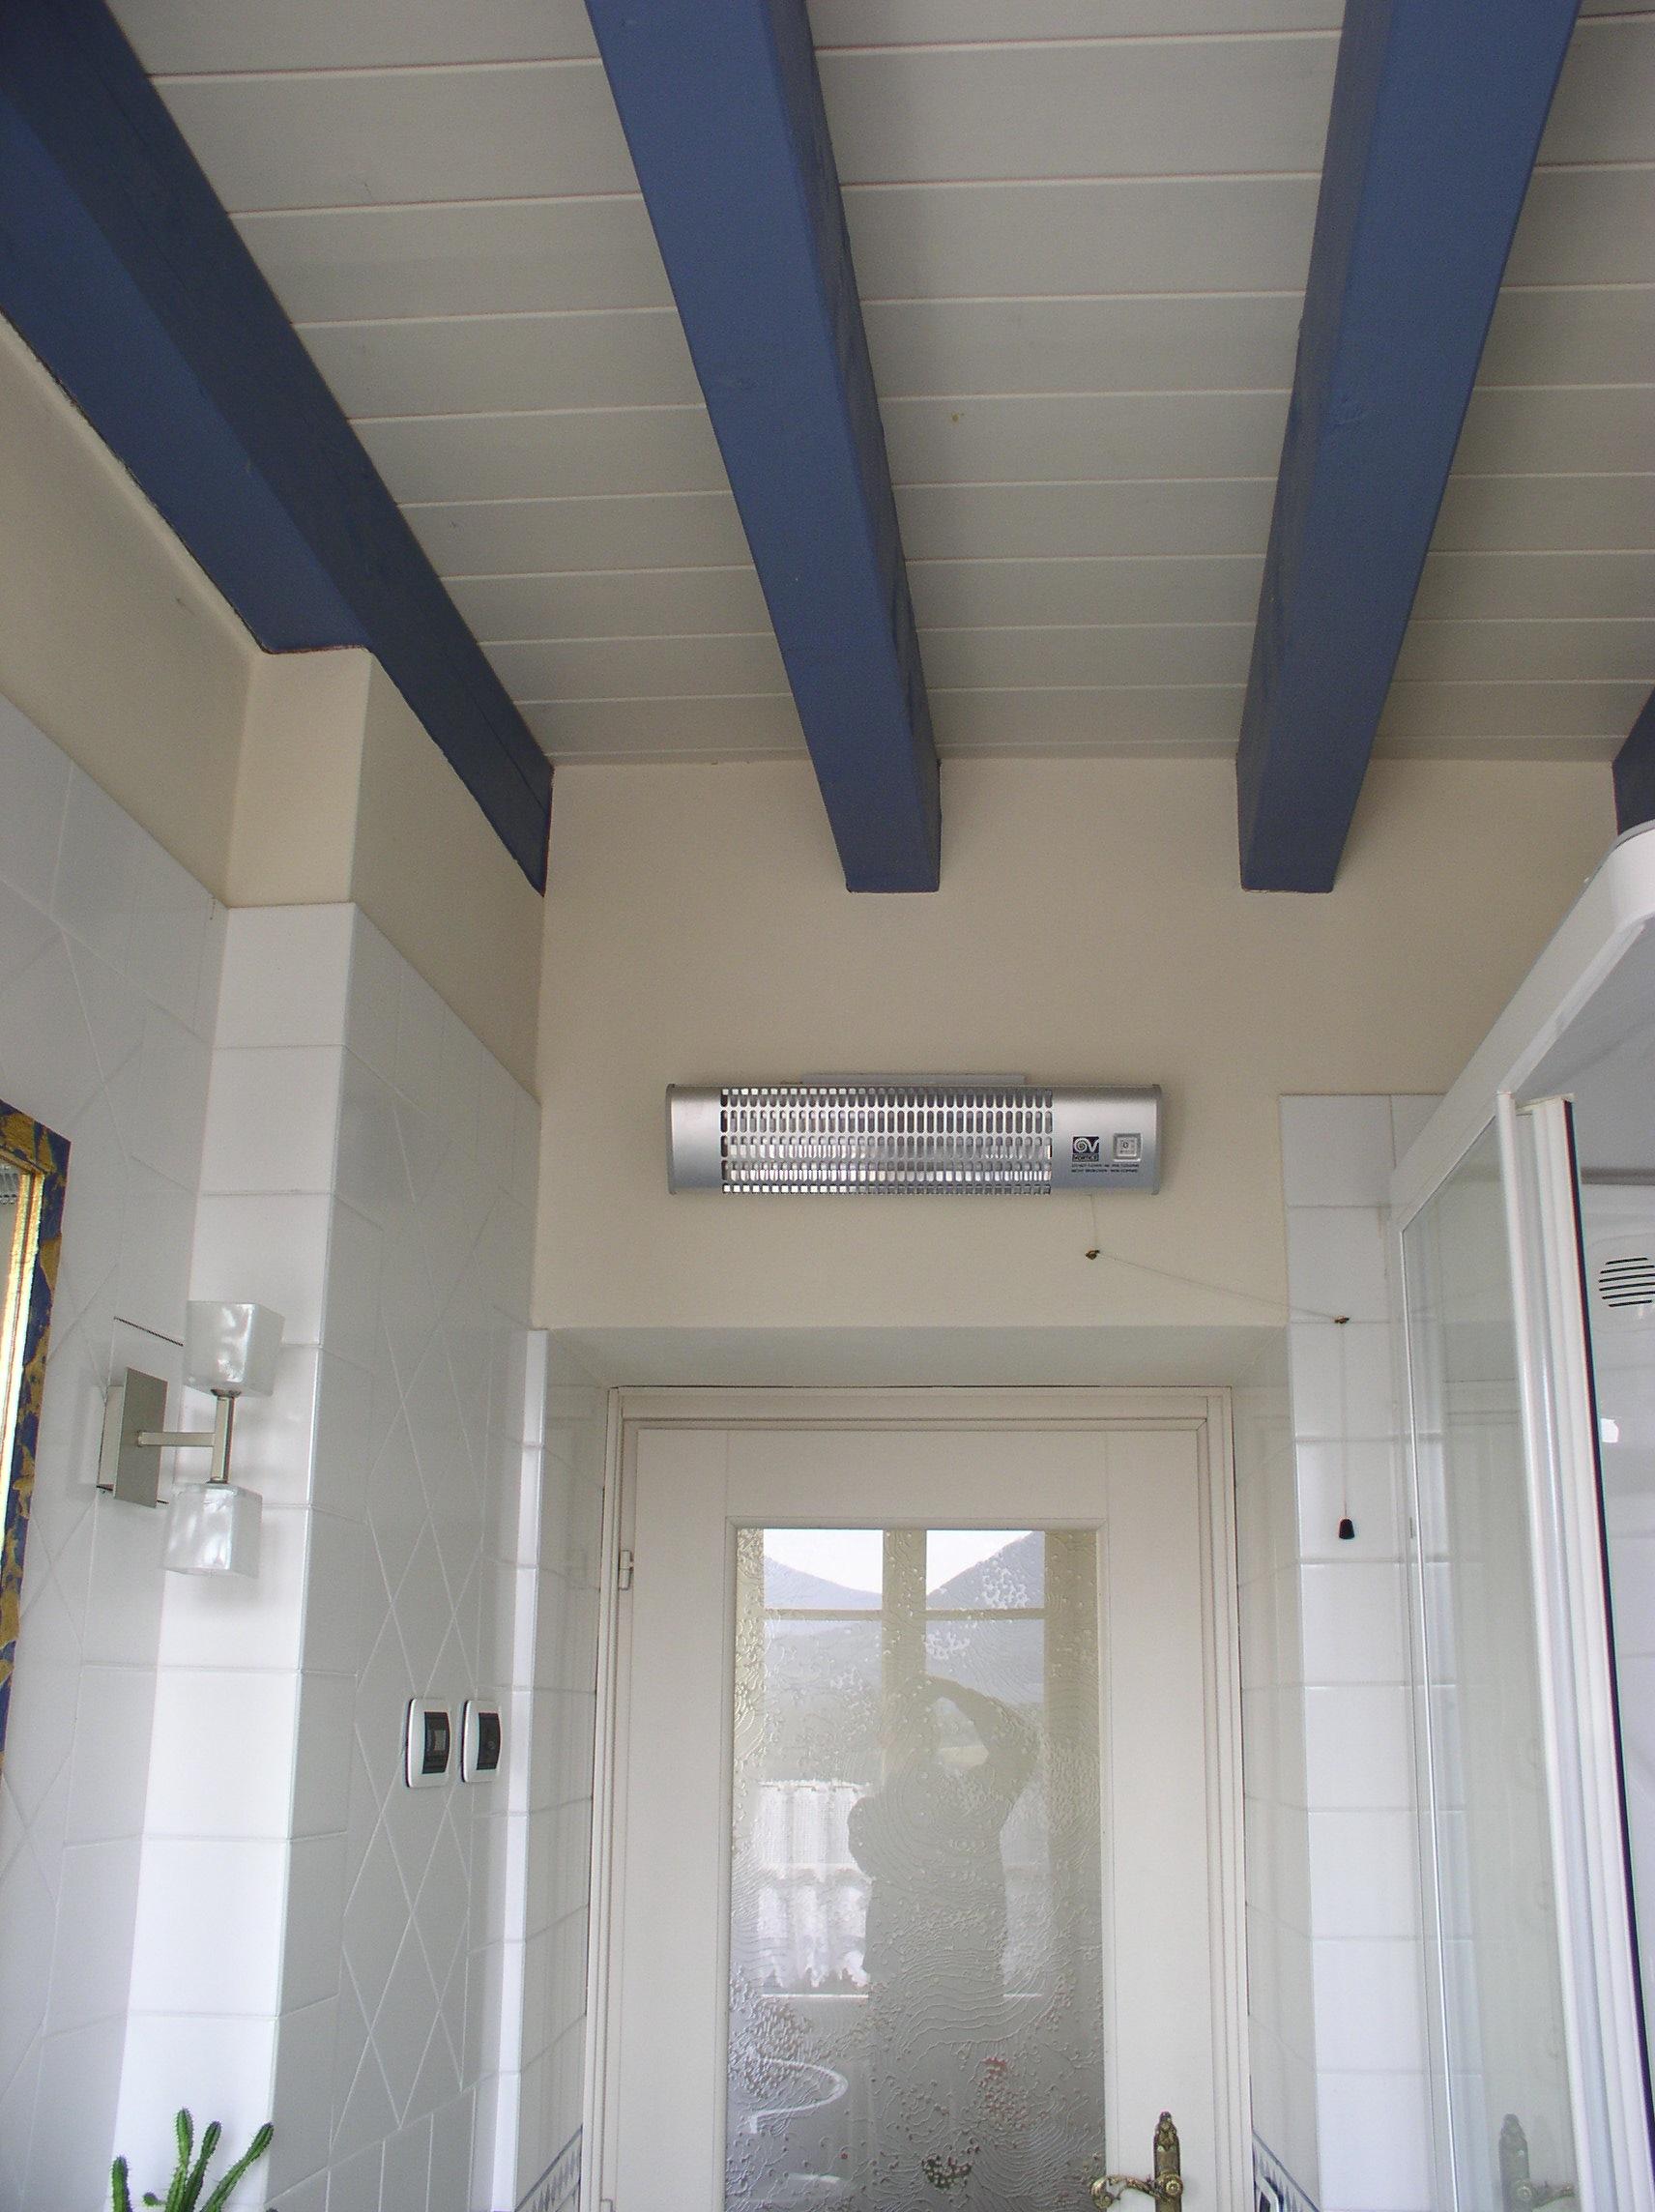 Soffitti in legno l 39 ozio - Bagno blu e bianco ...